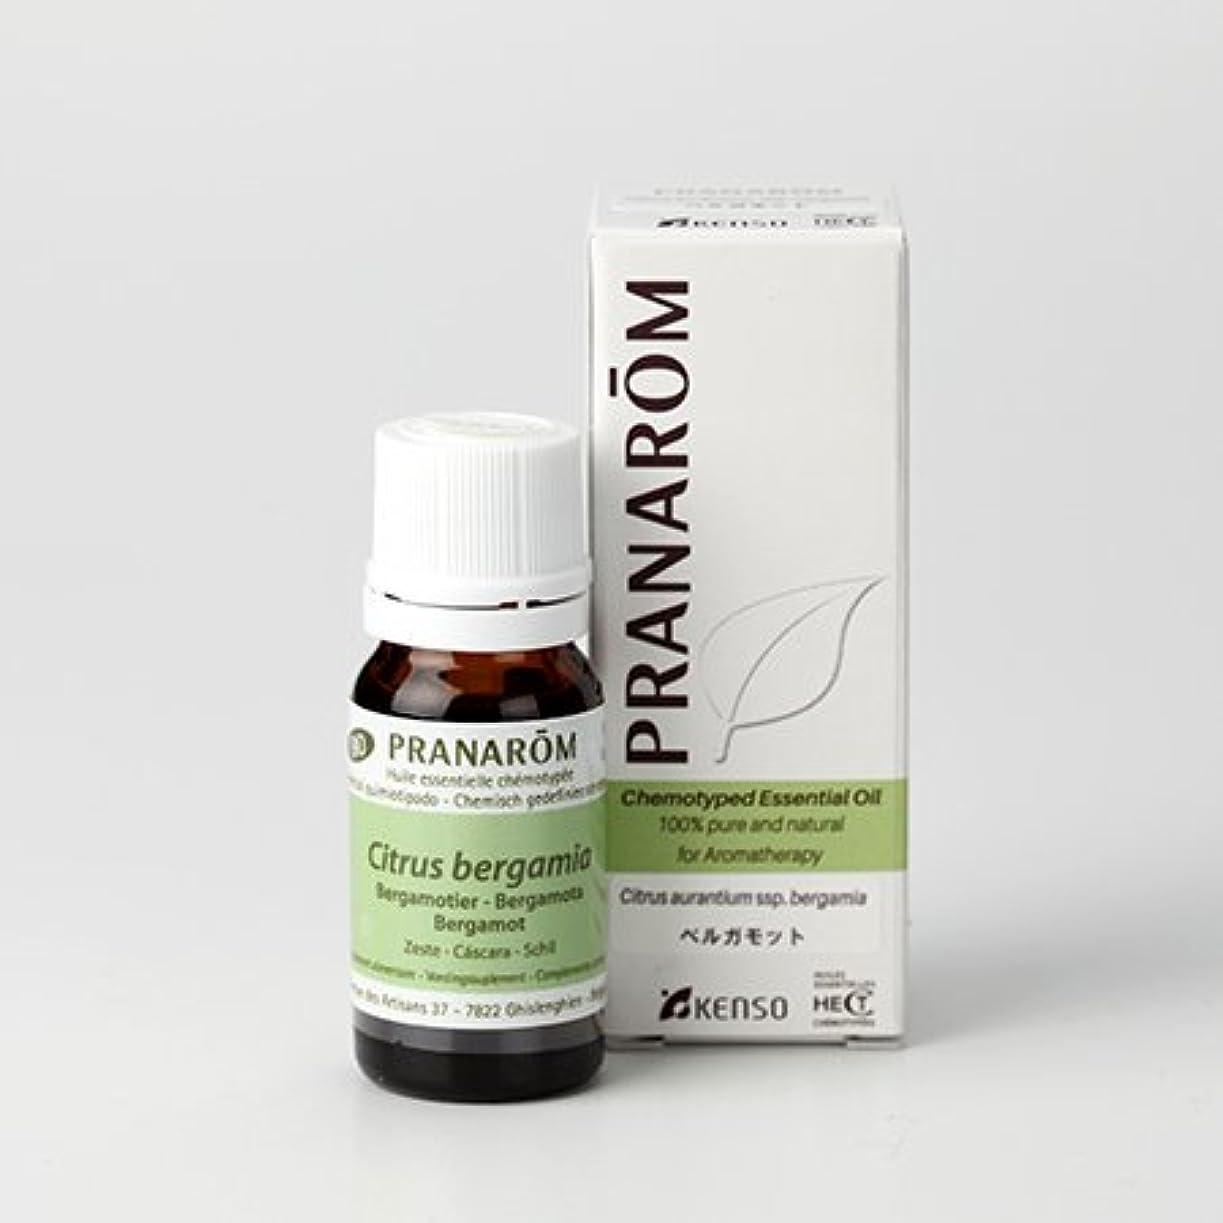 父方の指定する権限を与えるプラナロム ( PRANAROM ) 精油 ベルガモット 10ml p-40